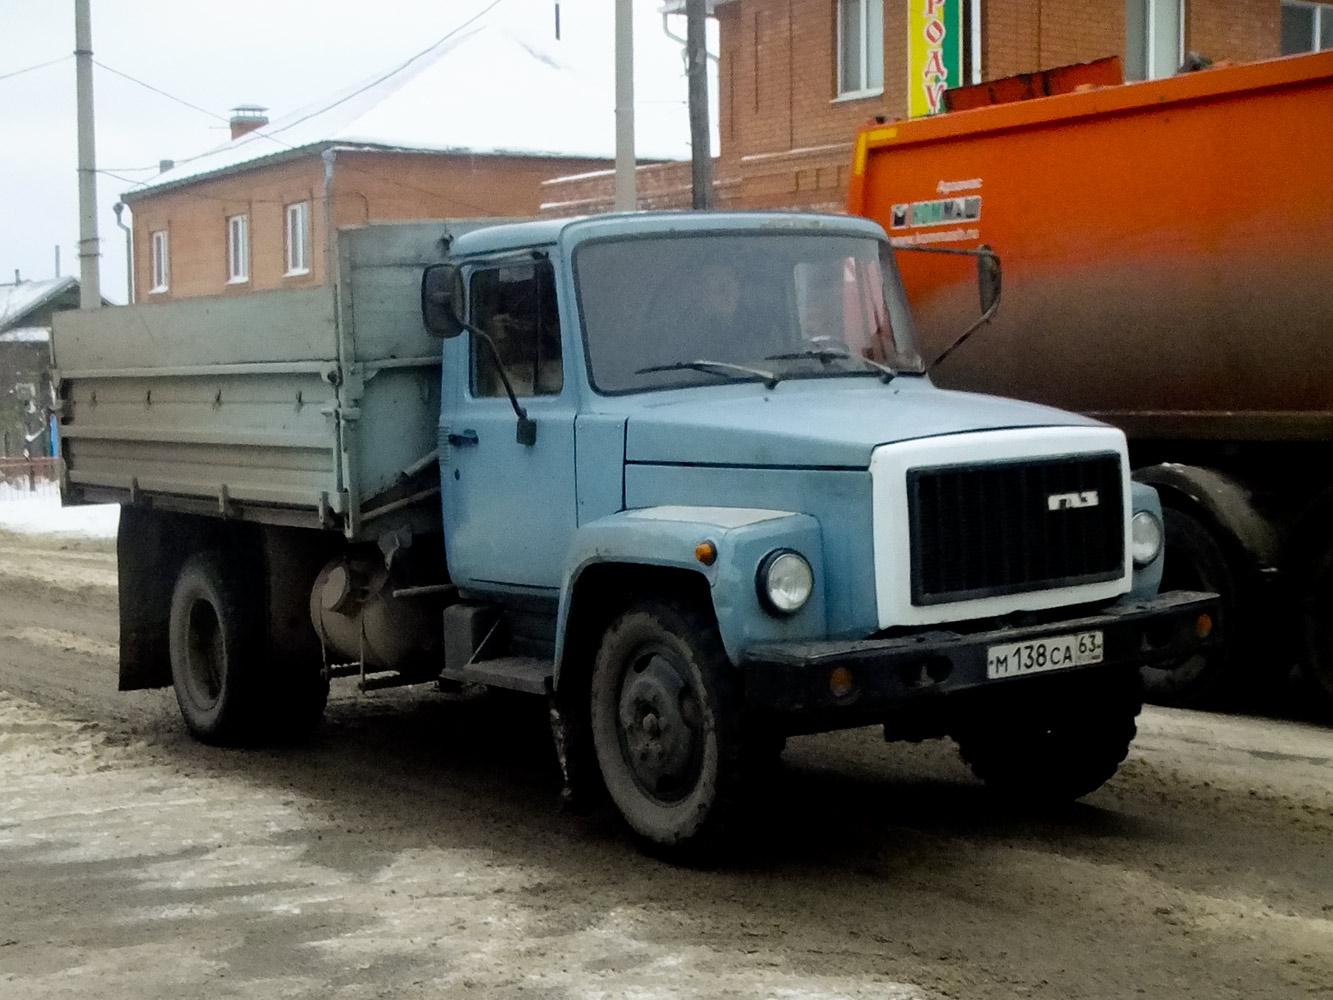 ГАЗ-3307 #М 168 СА 63. Самарская область, Сызрань, Советская улица